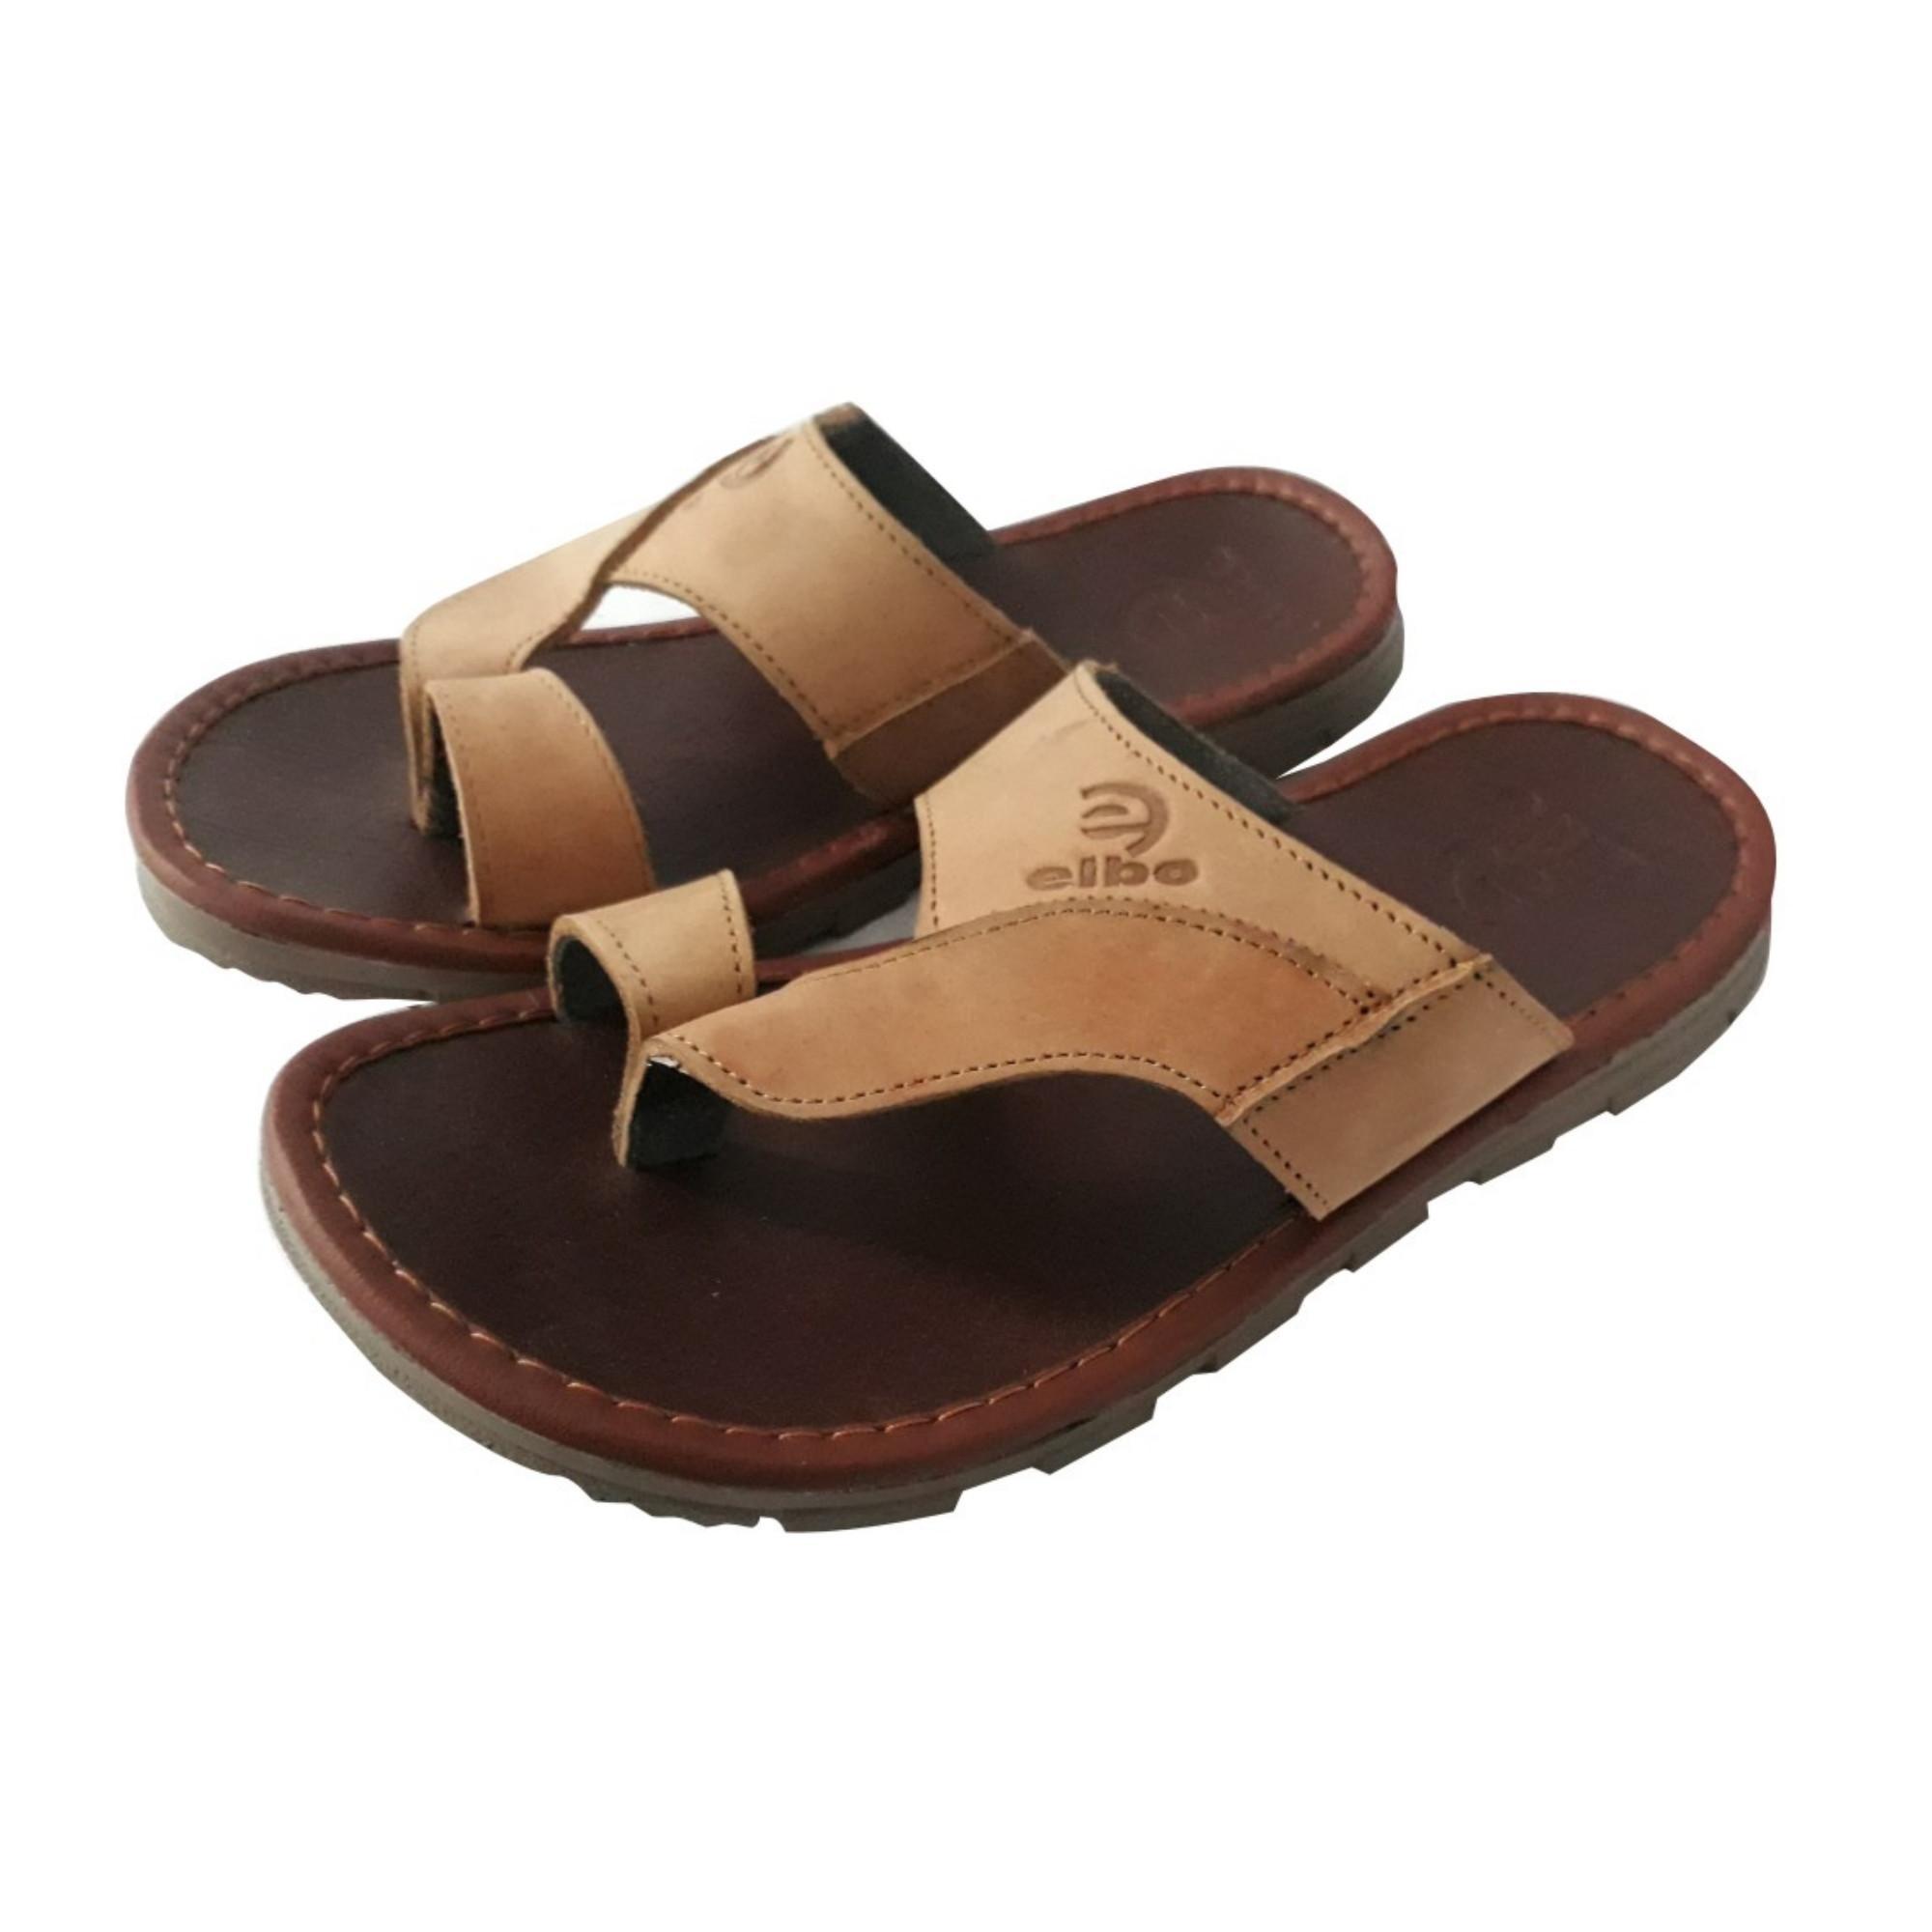 Sandal Pria Trendy Kulit Asli - Coklat fbe7c0a1b6